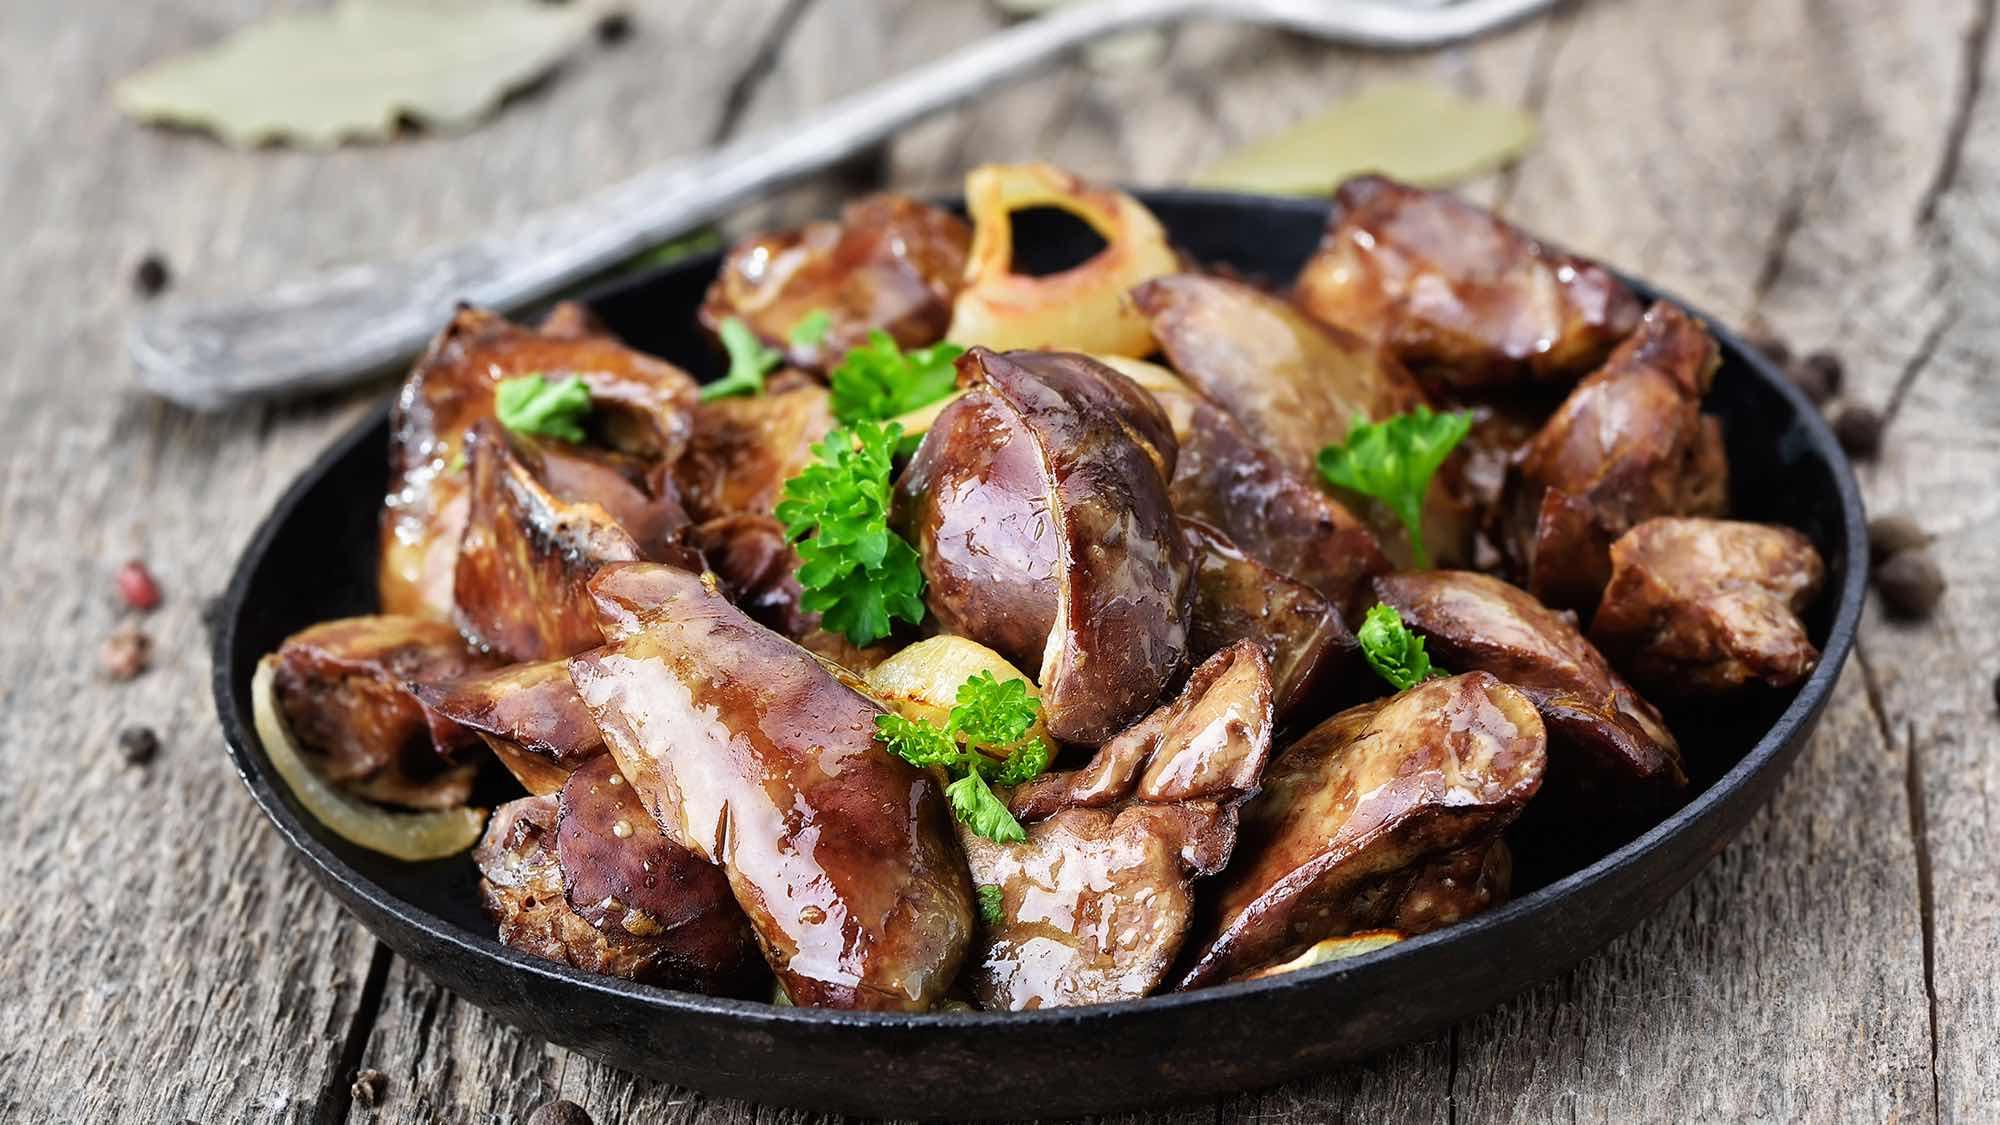 12 makanan yang sihat dan tinggi zat besi